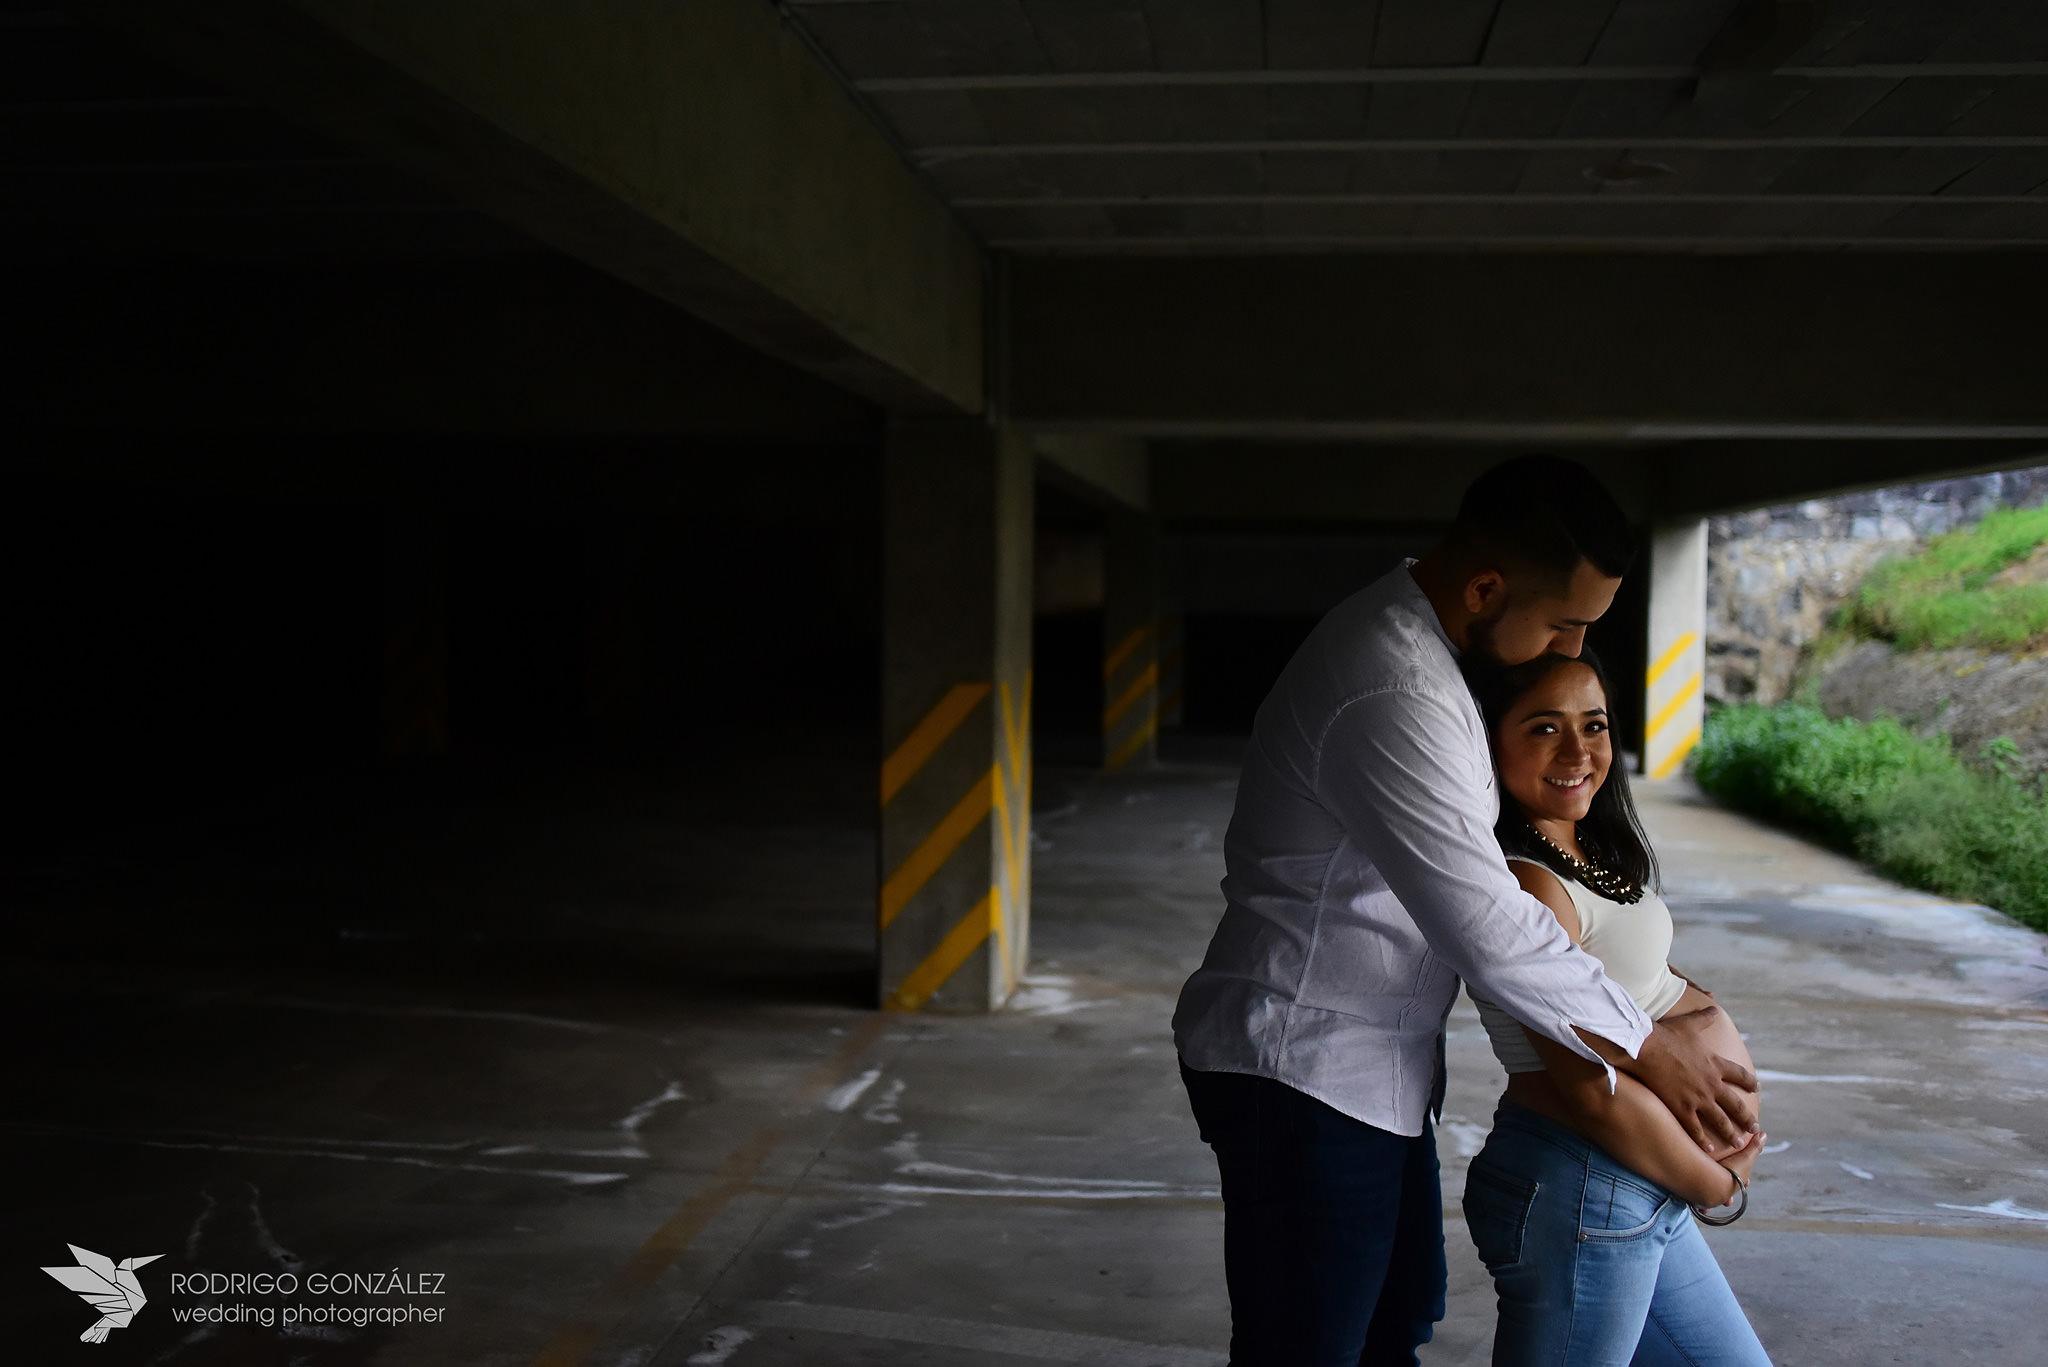 mejores-fotografos-en-puebla-sesion-maternidad-338